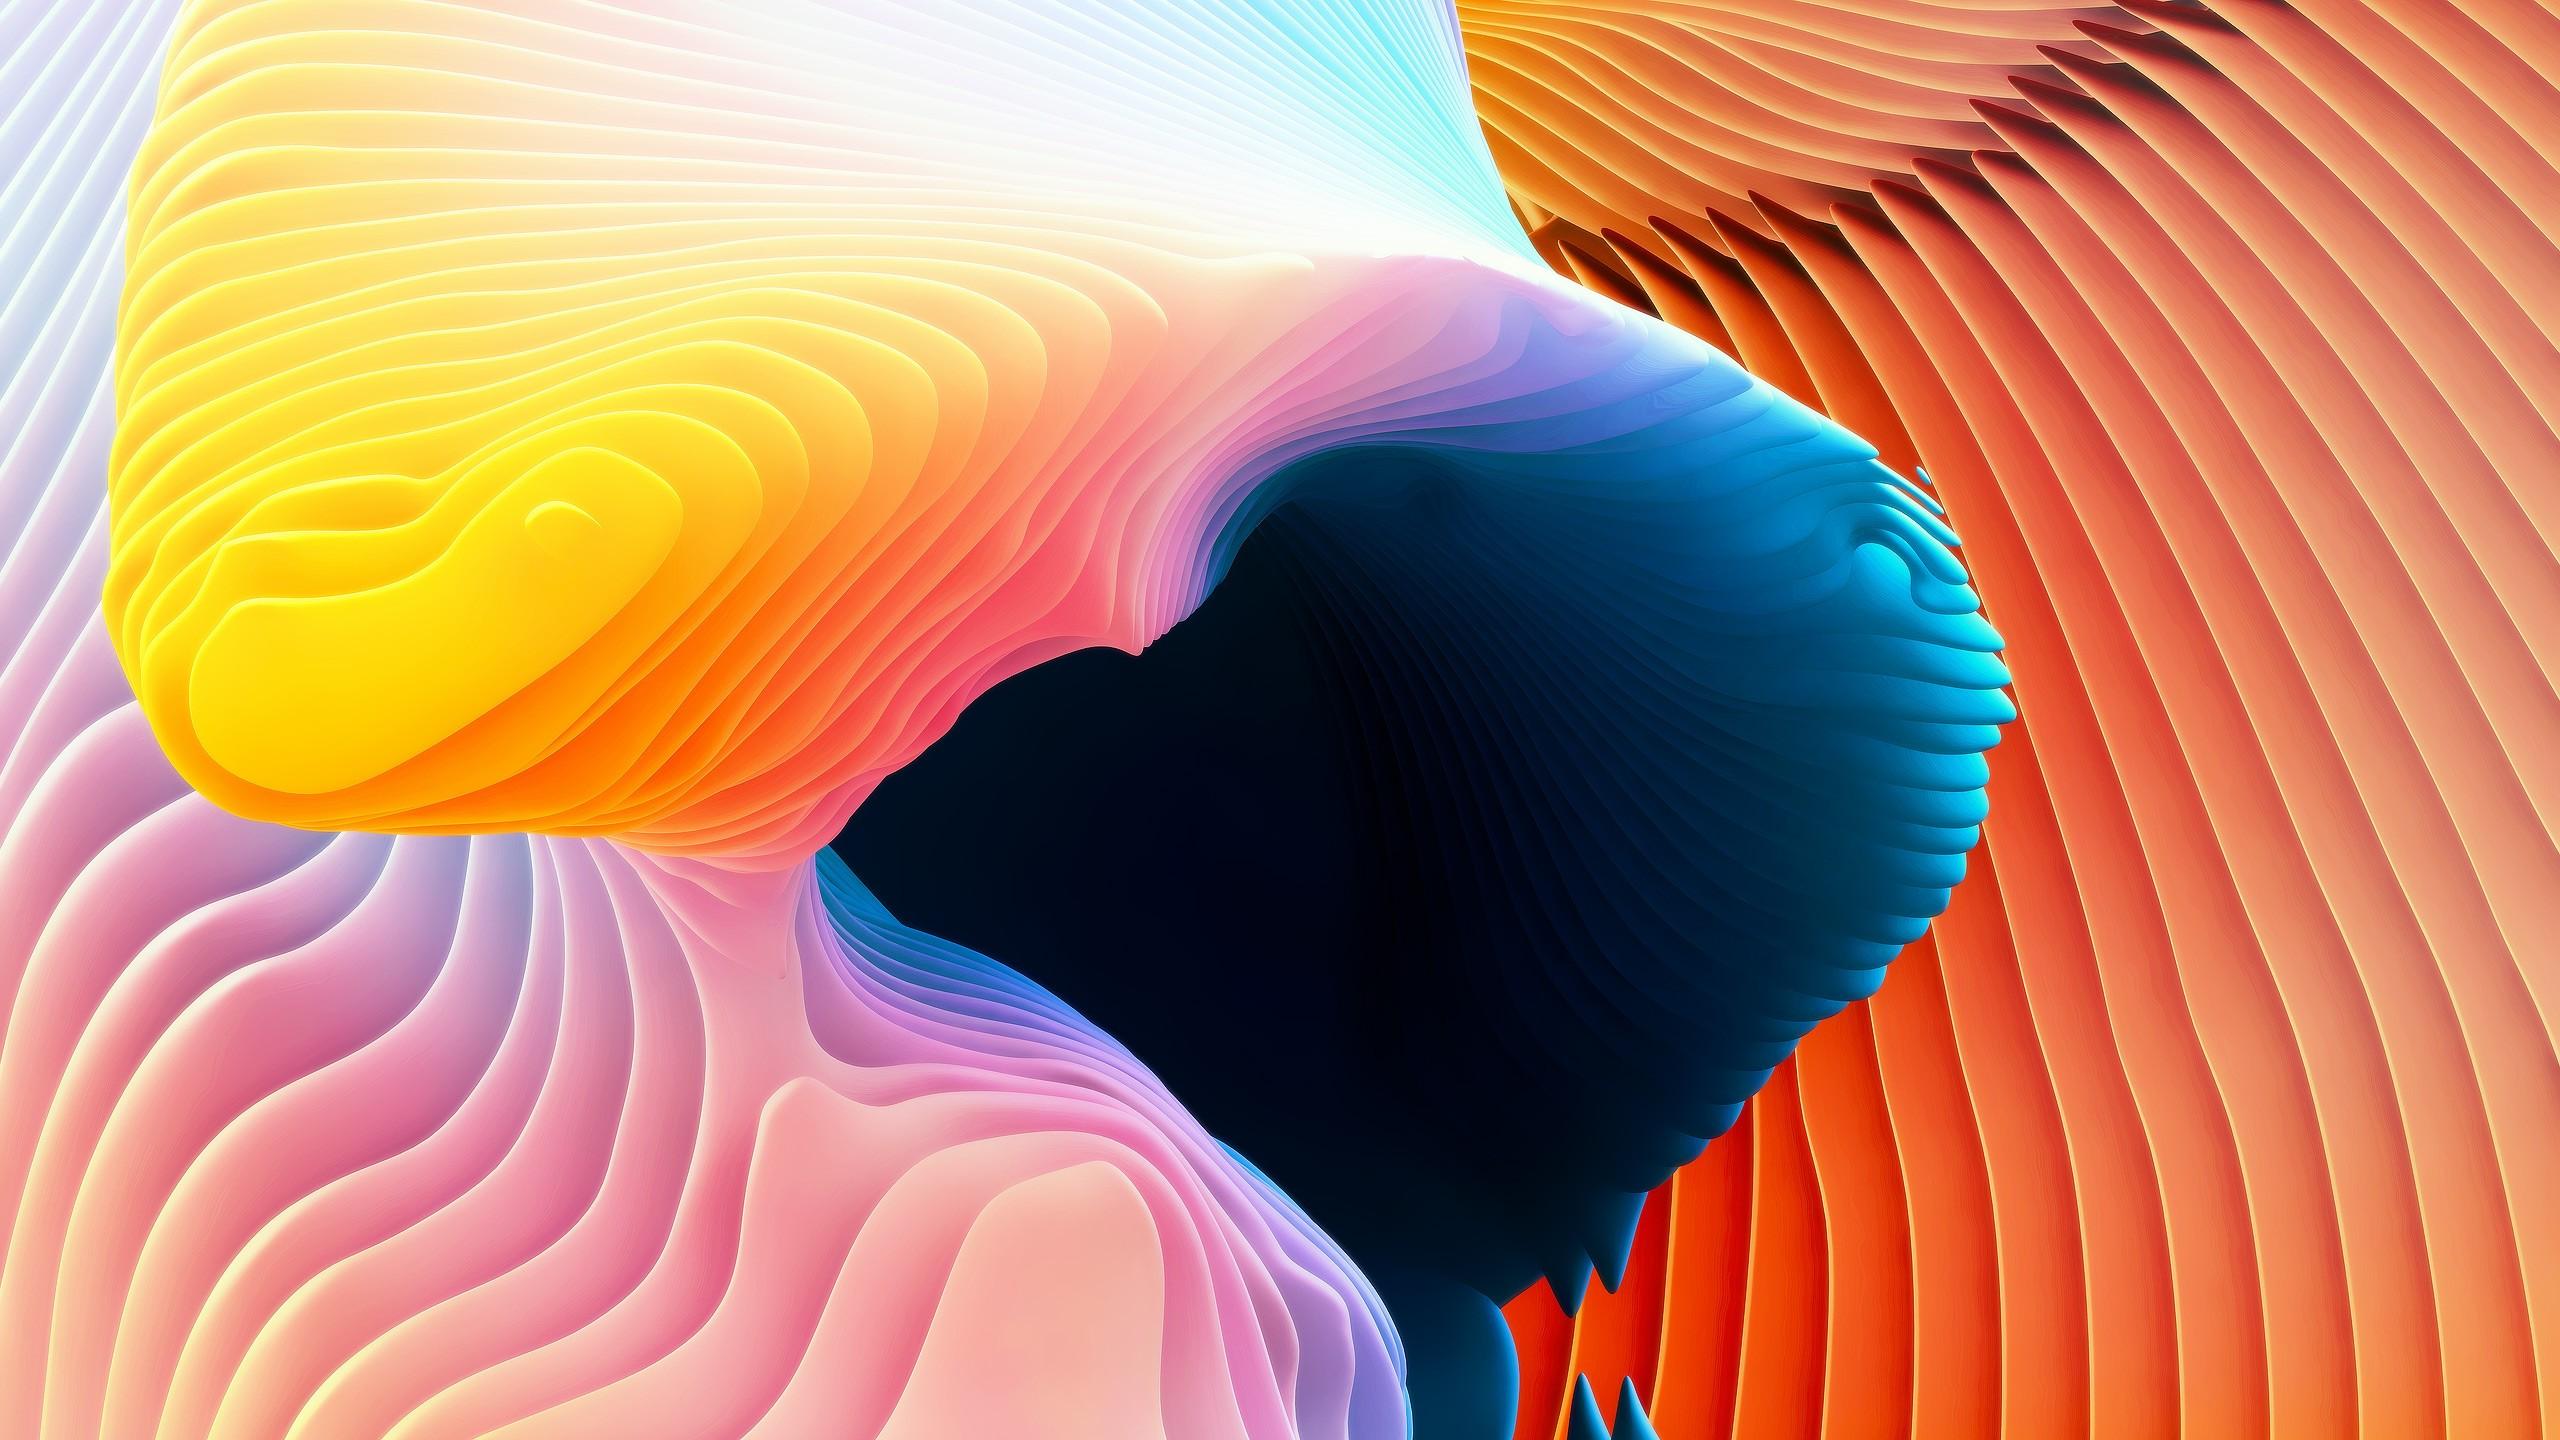 Must see Wallpaper Macbook Ios - macbook-pro-2560x1440-iphone-wallpaper-4k-5k-live-wallpaper-3d-apple-12334  Best Photo Reference_811331.jpg